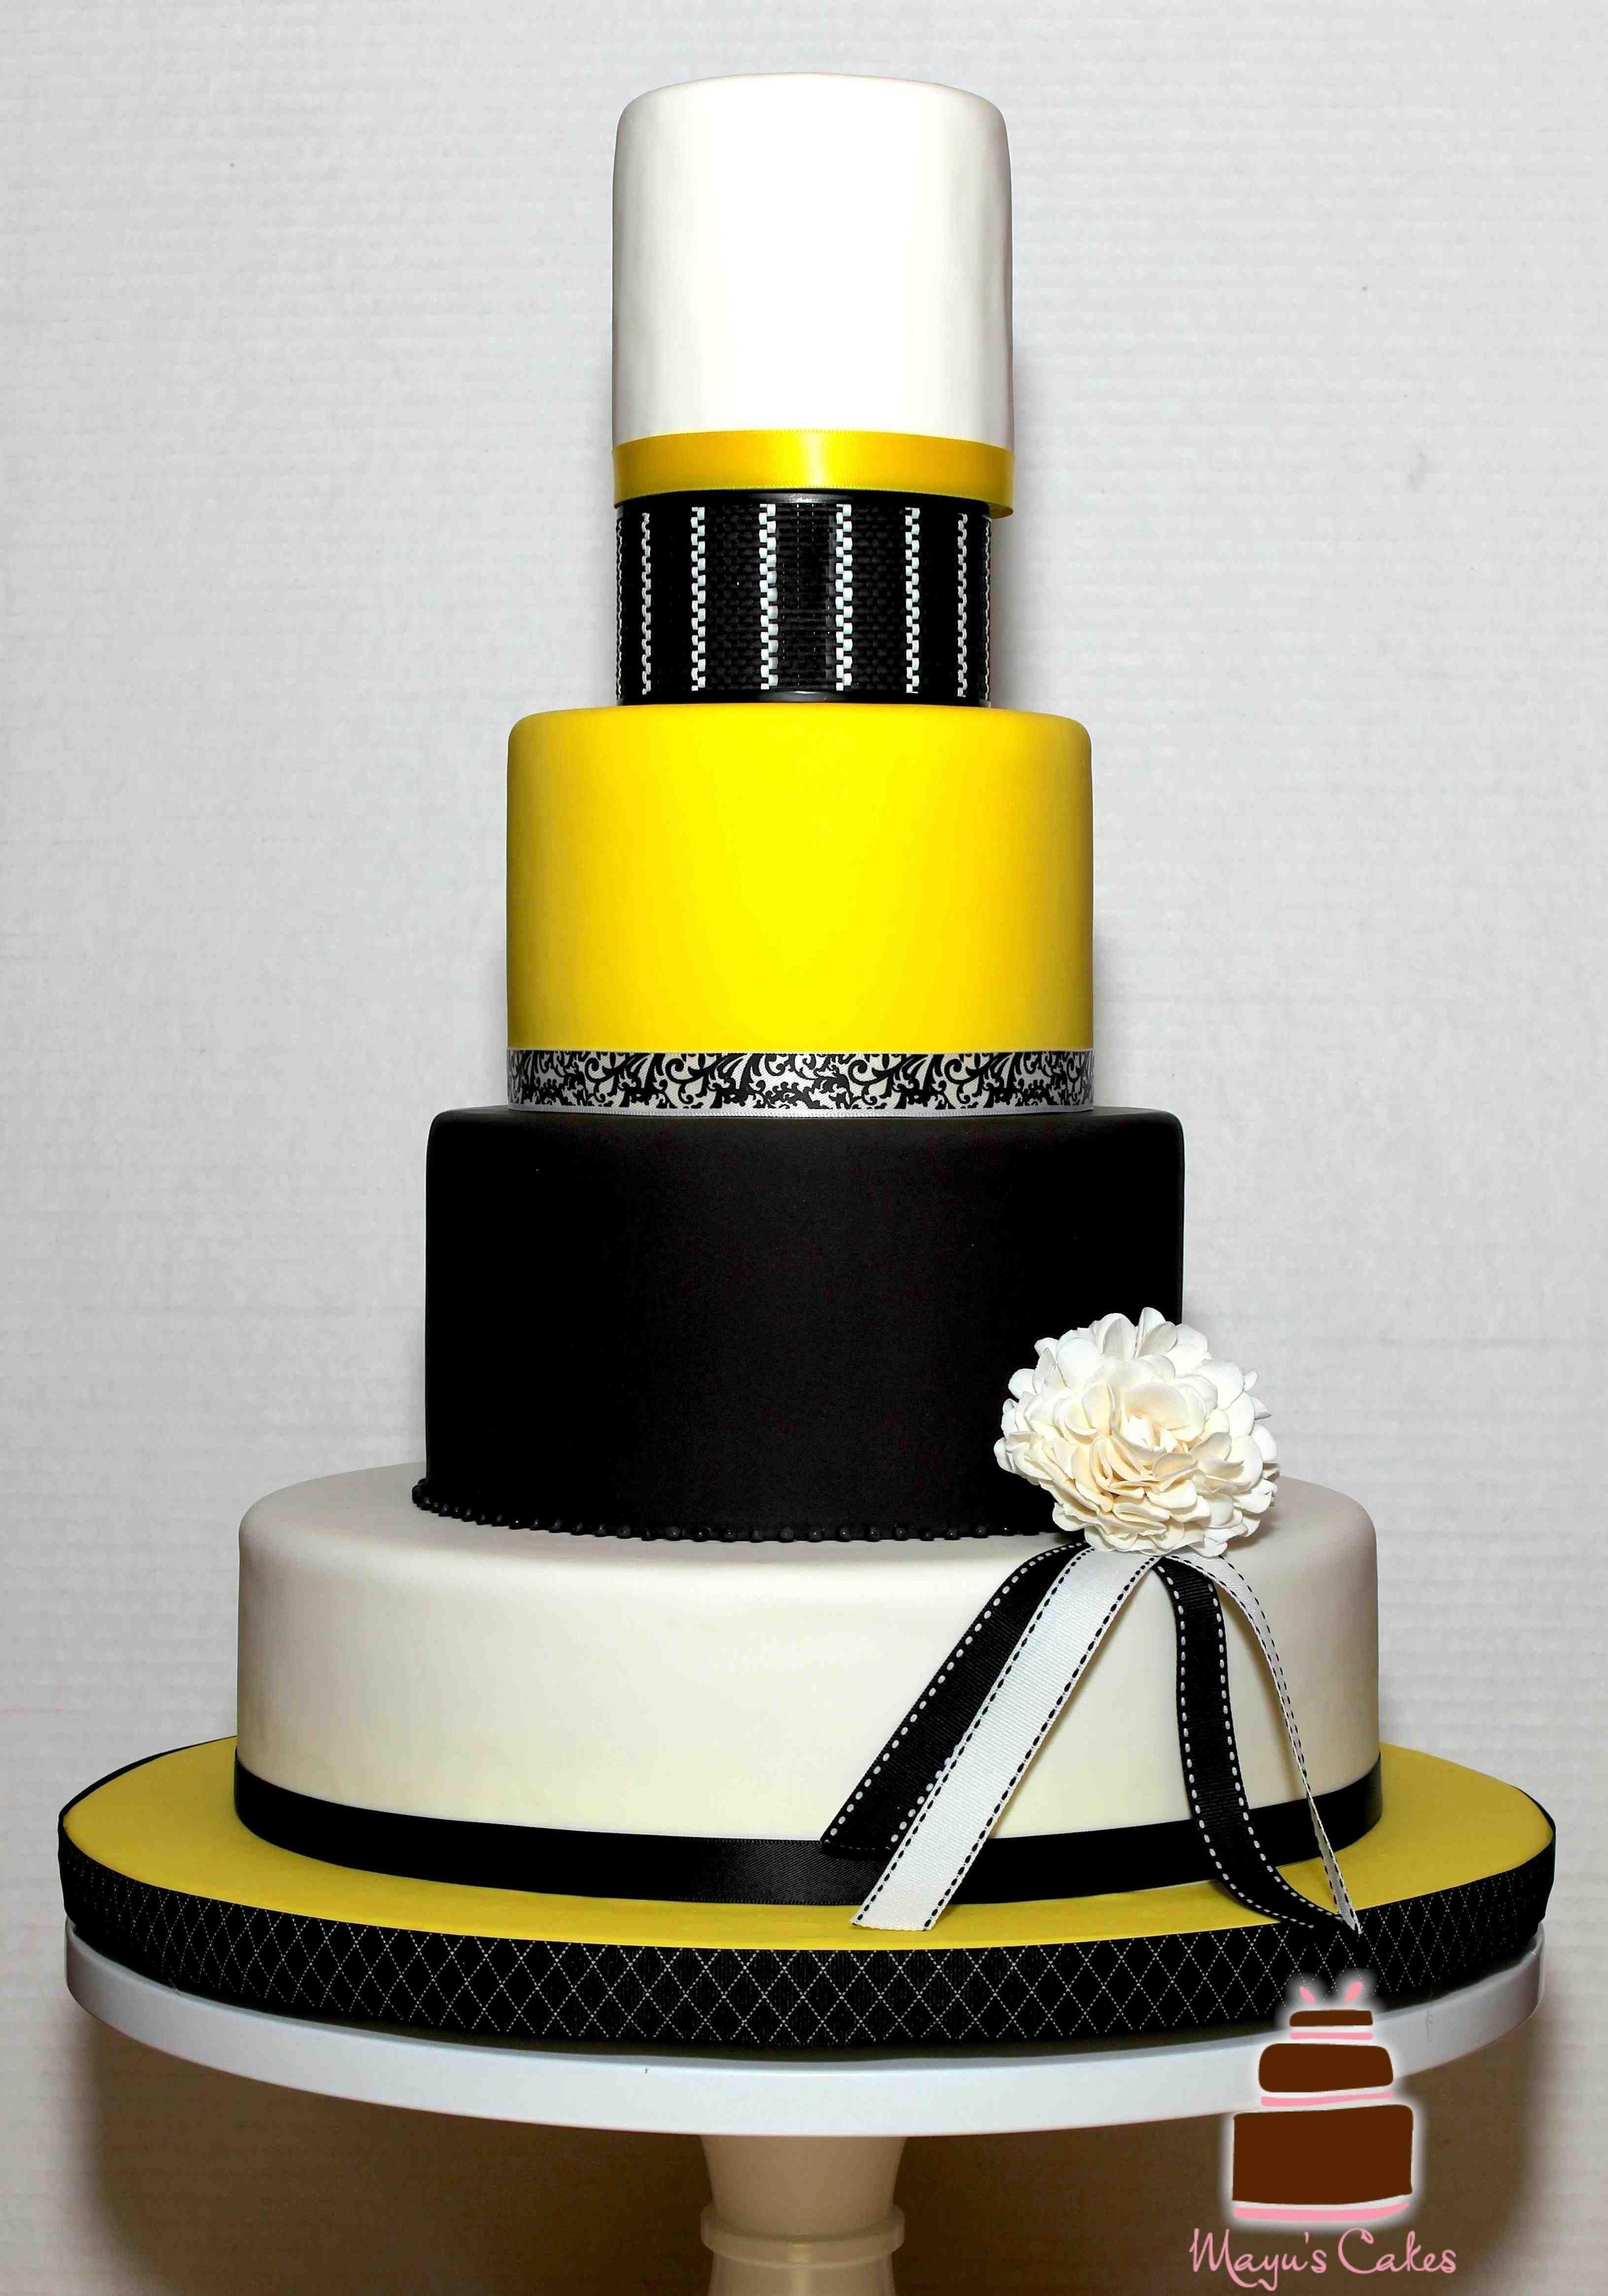 Modern Wedding Cakes Miami | Fondant Wedding Cakes | Pinterest ...